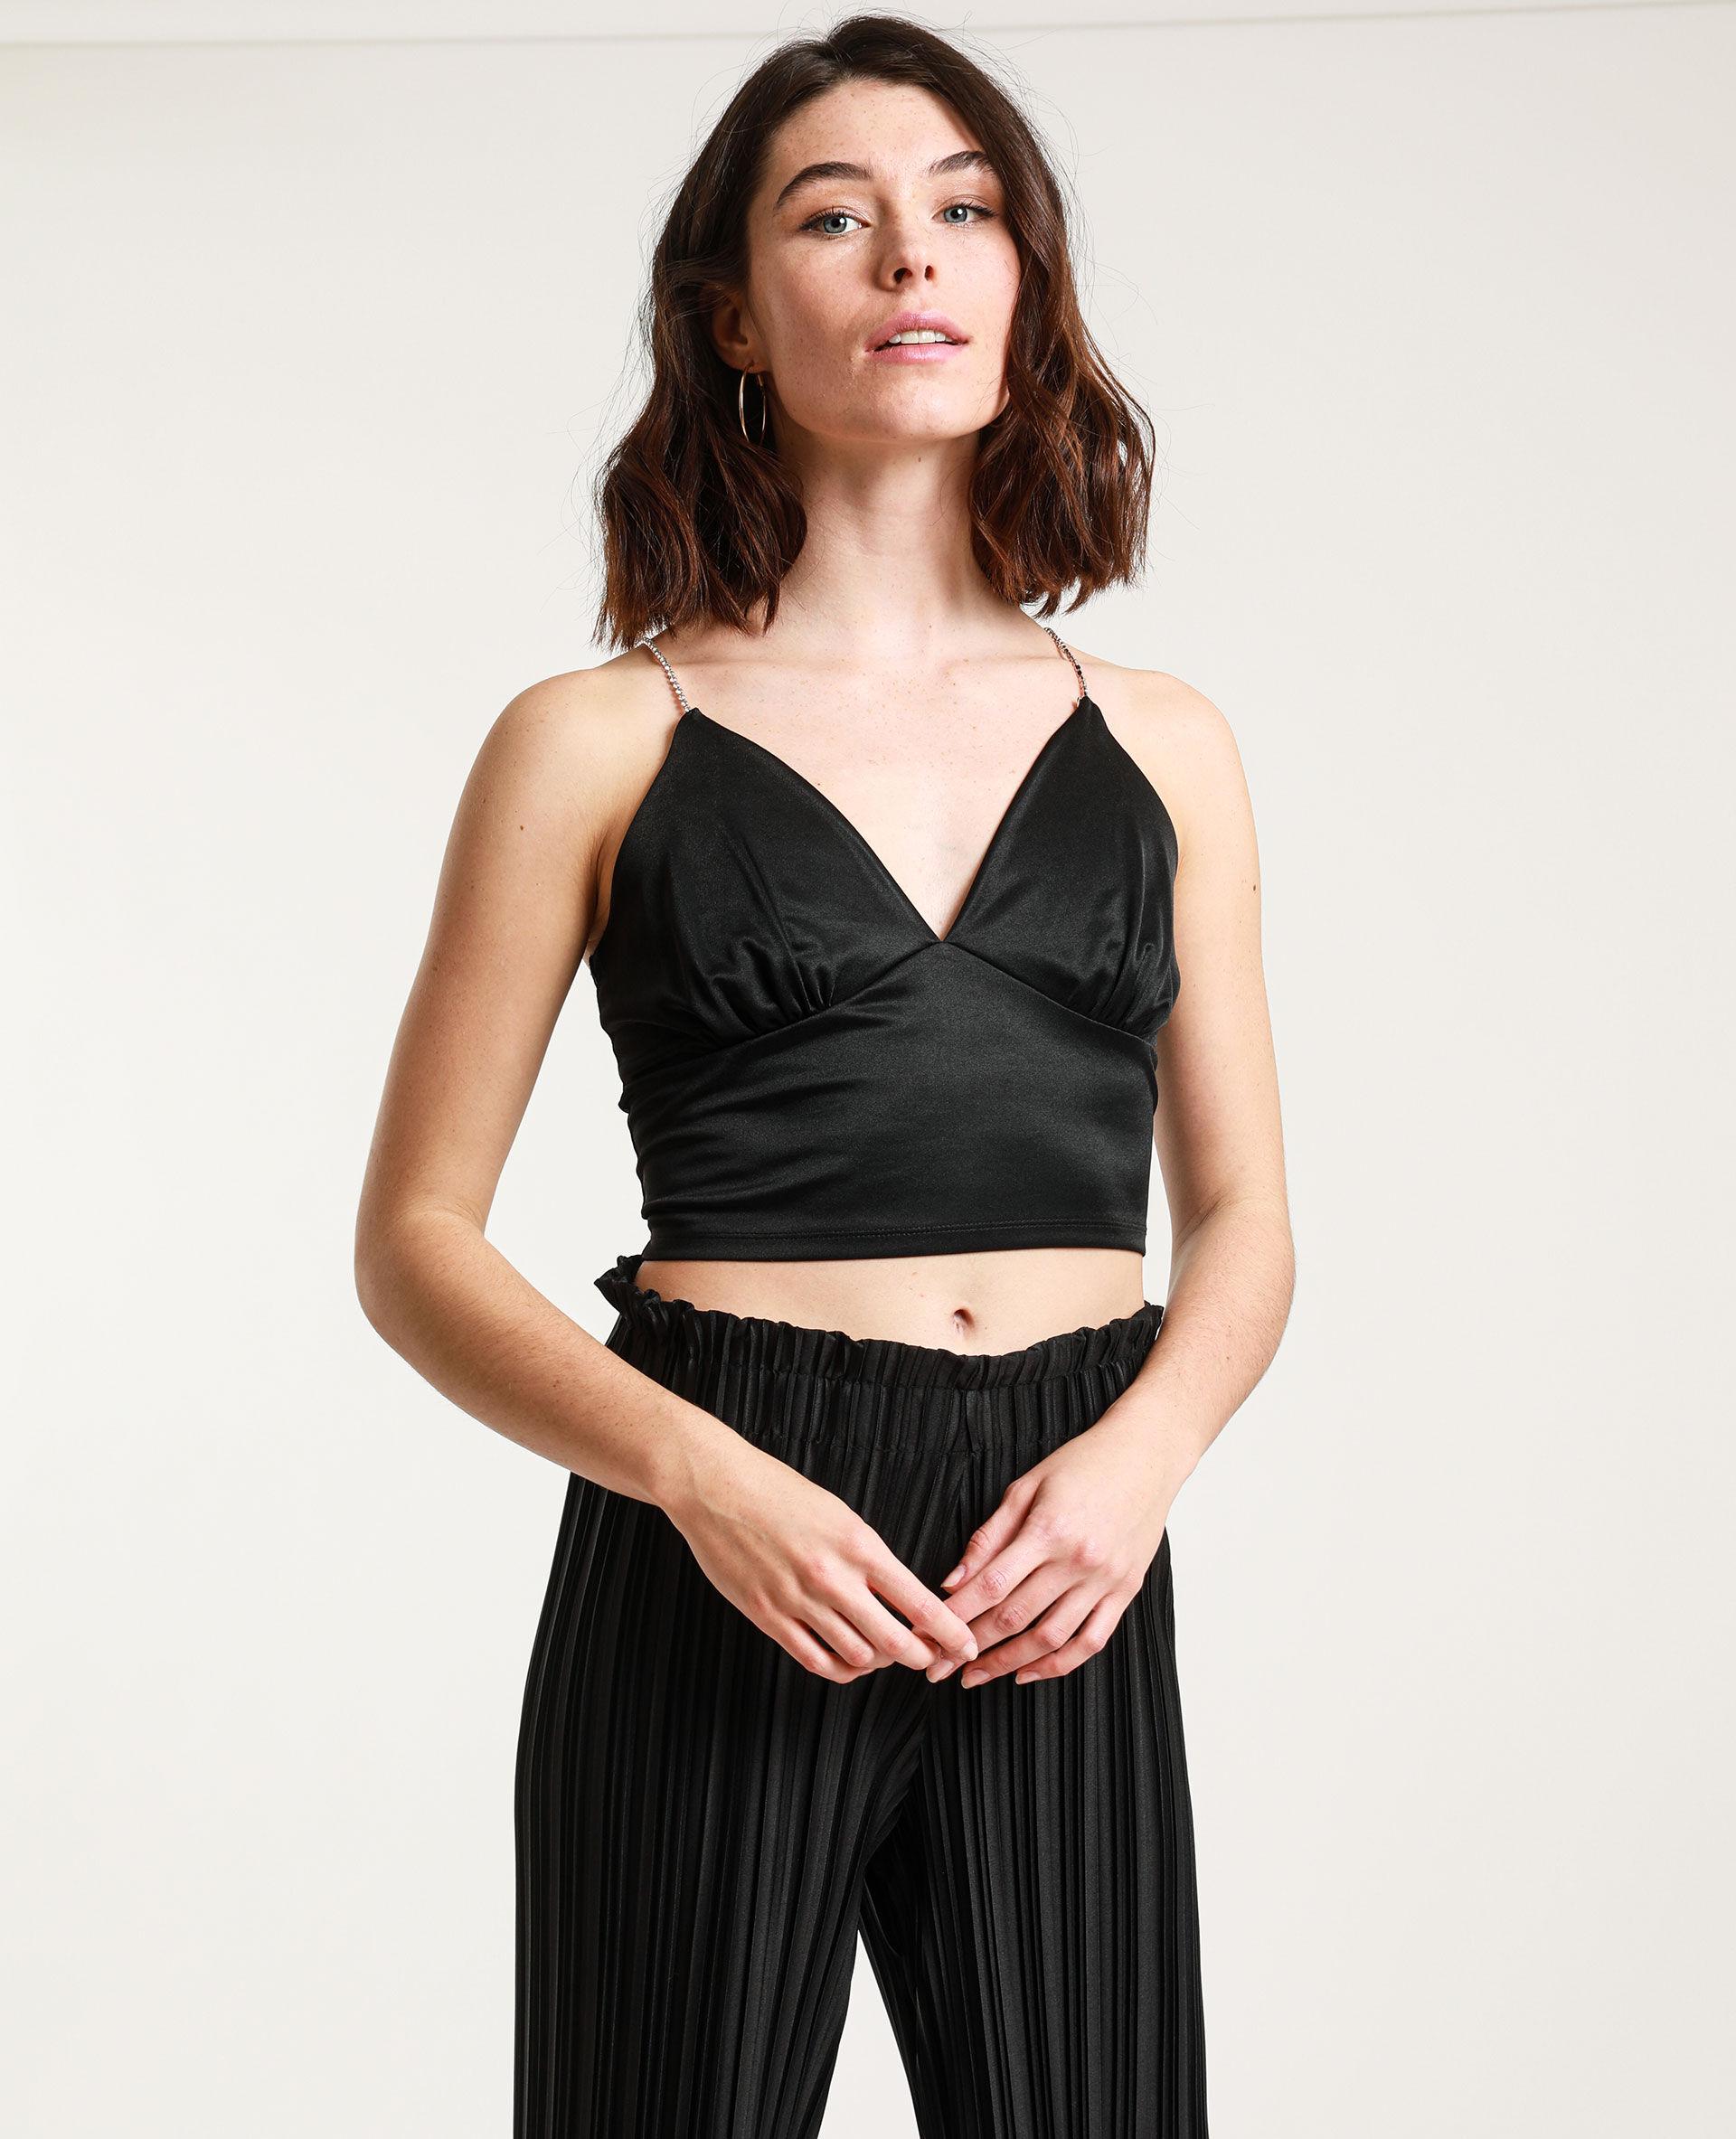 Brassière à strass Femme - Couleur noir - Taille XS - PIMKIE - MODE FEMME